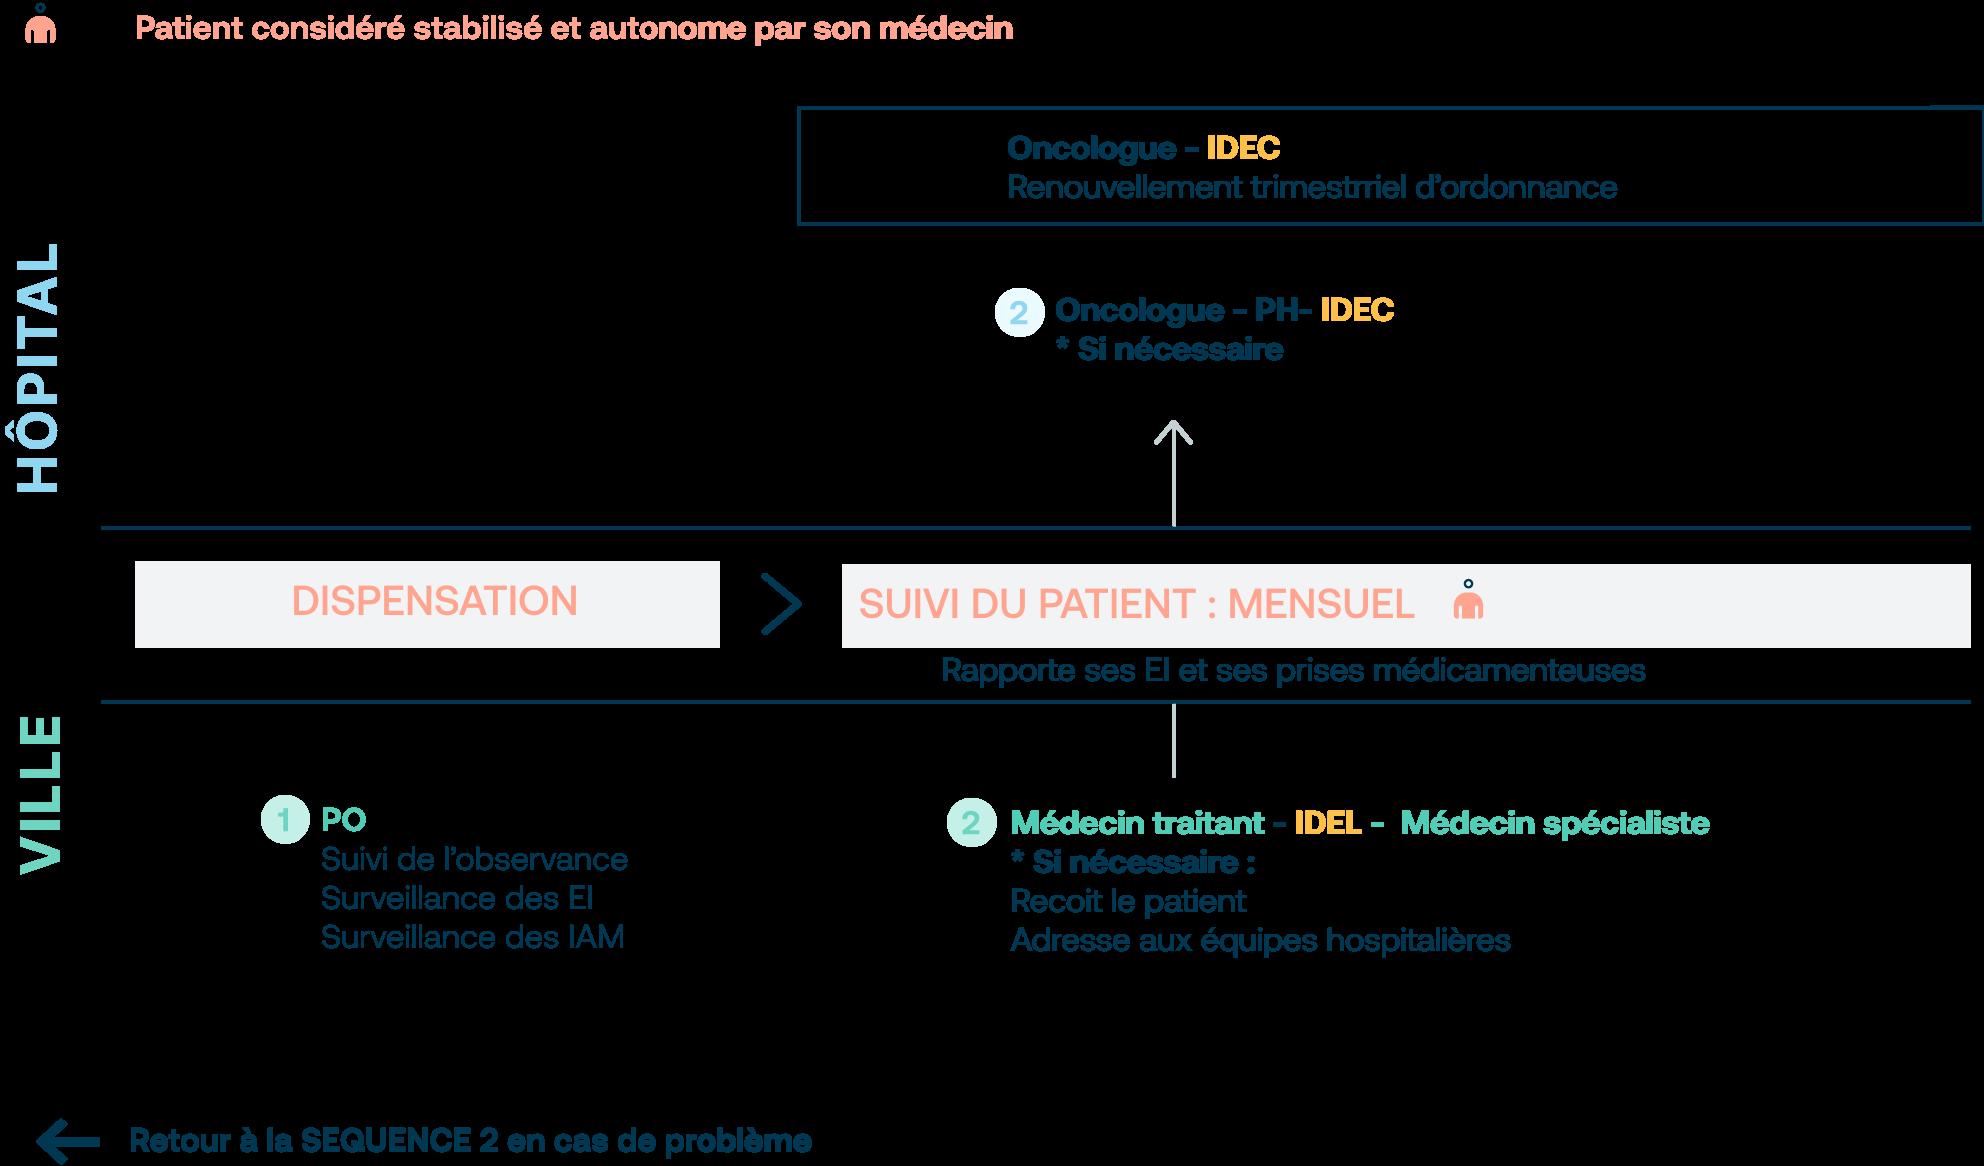 Déroulement de la troisième phase avec allègement du suivi sous format mensuel.